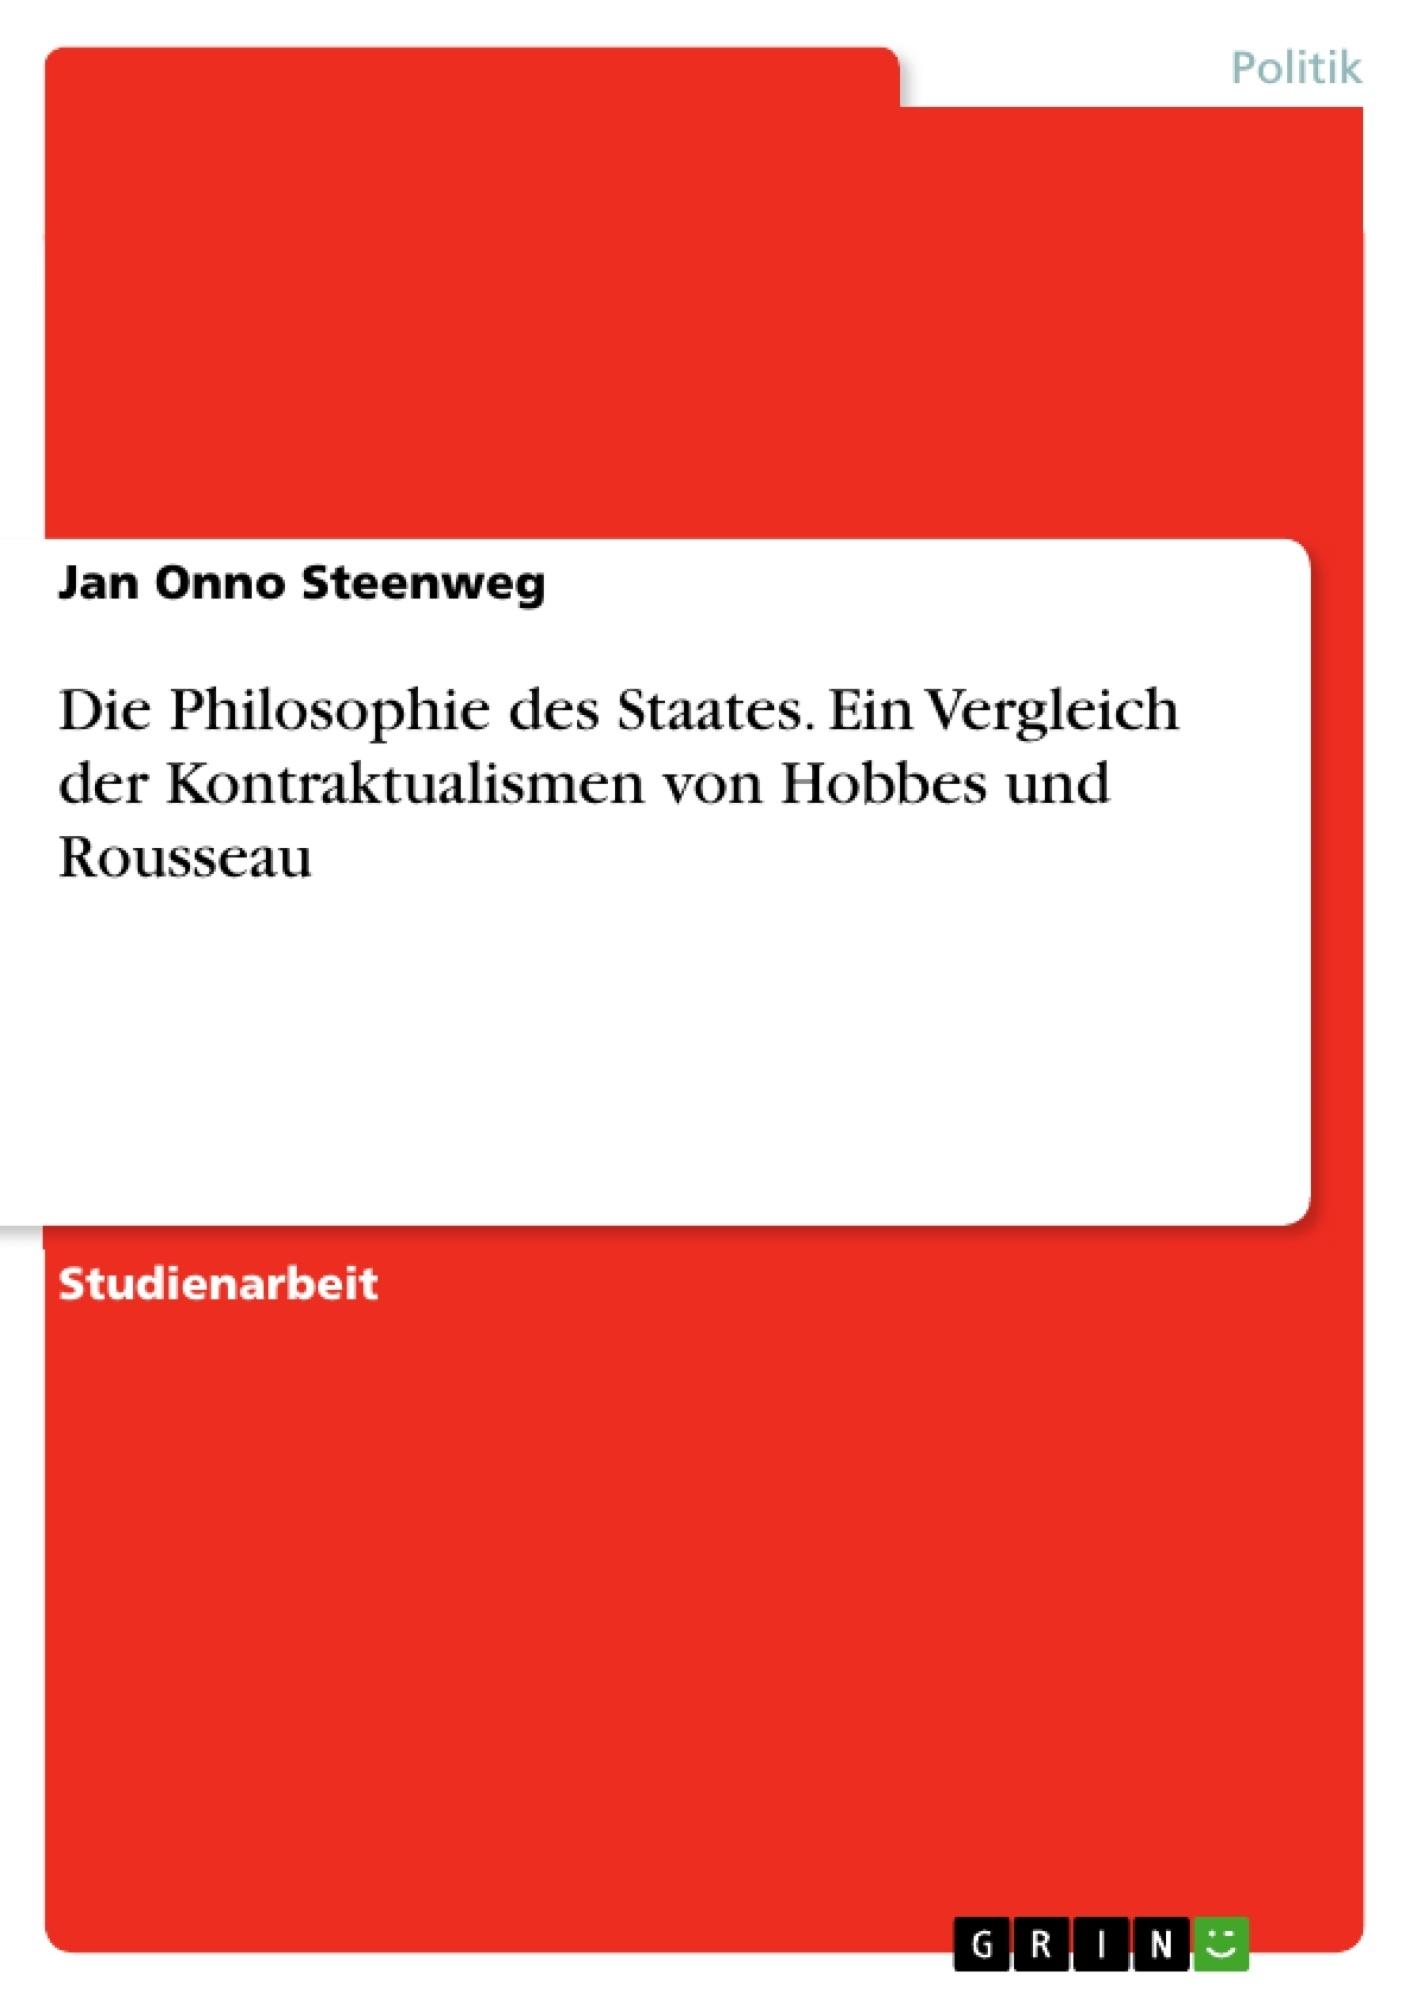 Titel: Die Philosophie des Staates. Ein Vergleich der Kontraktualismen von Hobbes und Rousseau